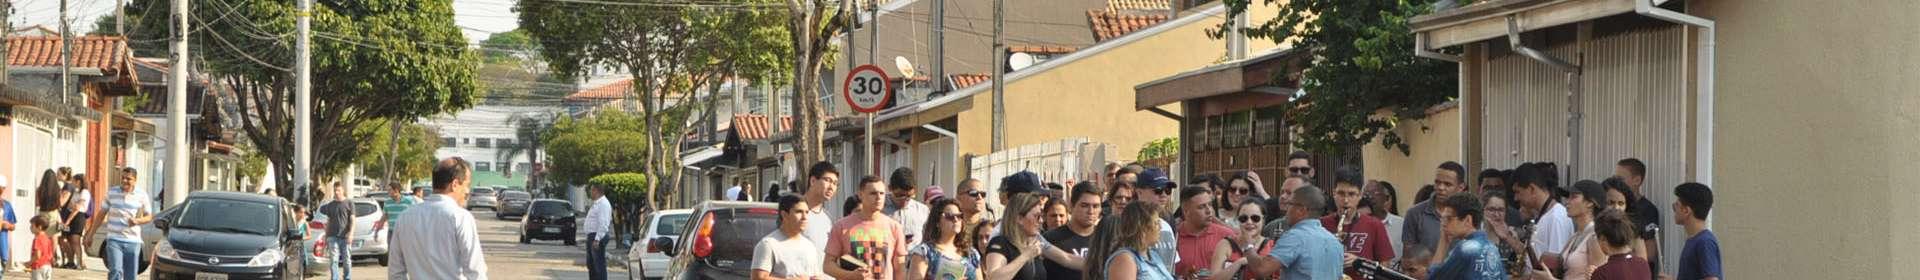 Trabalho evangelístico em São José dos Campos, SP, envolve membros da Igreja Cristã Maranata